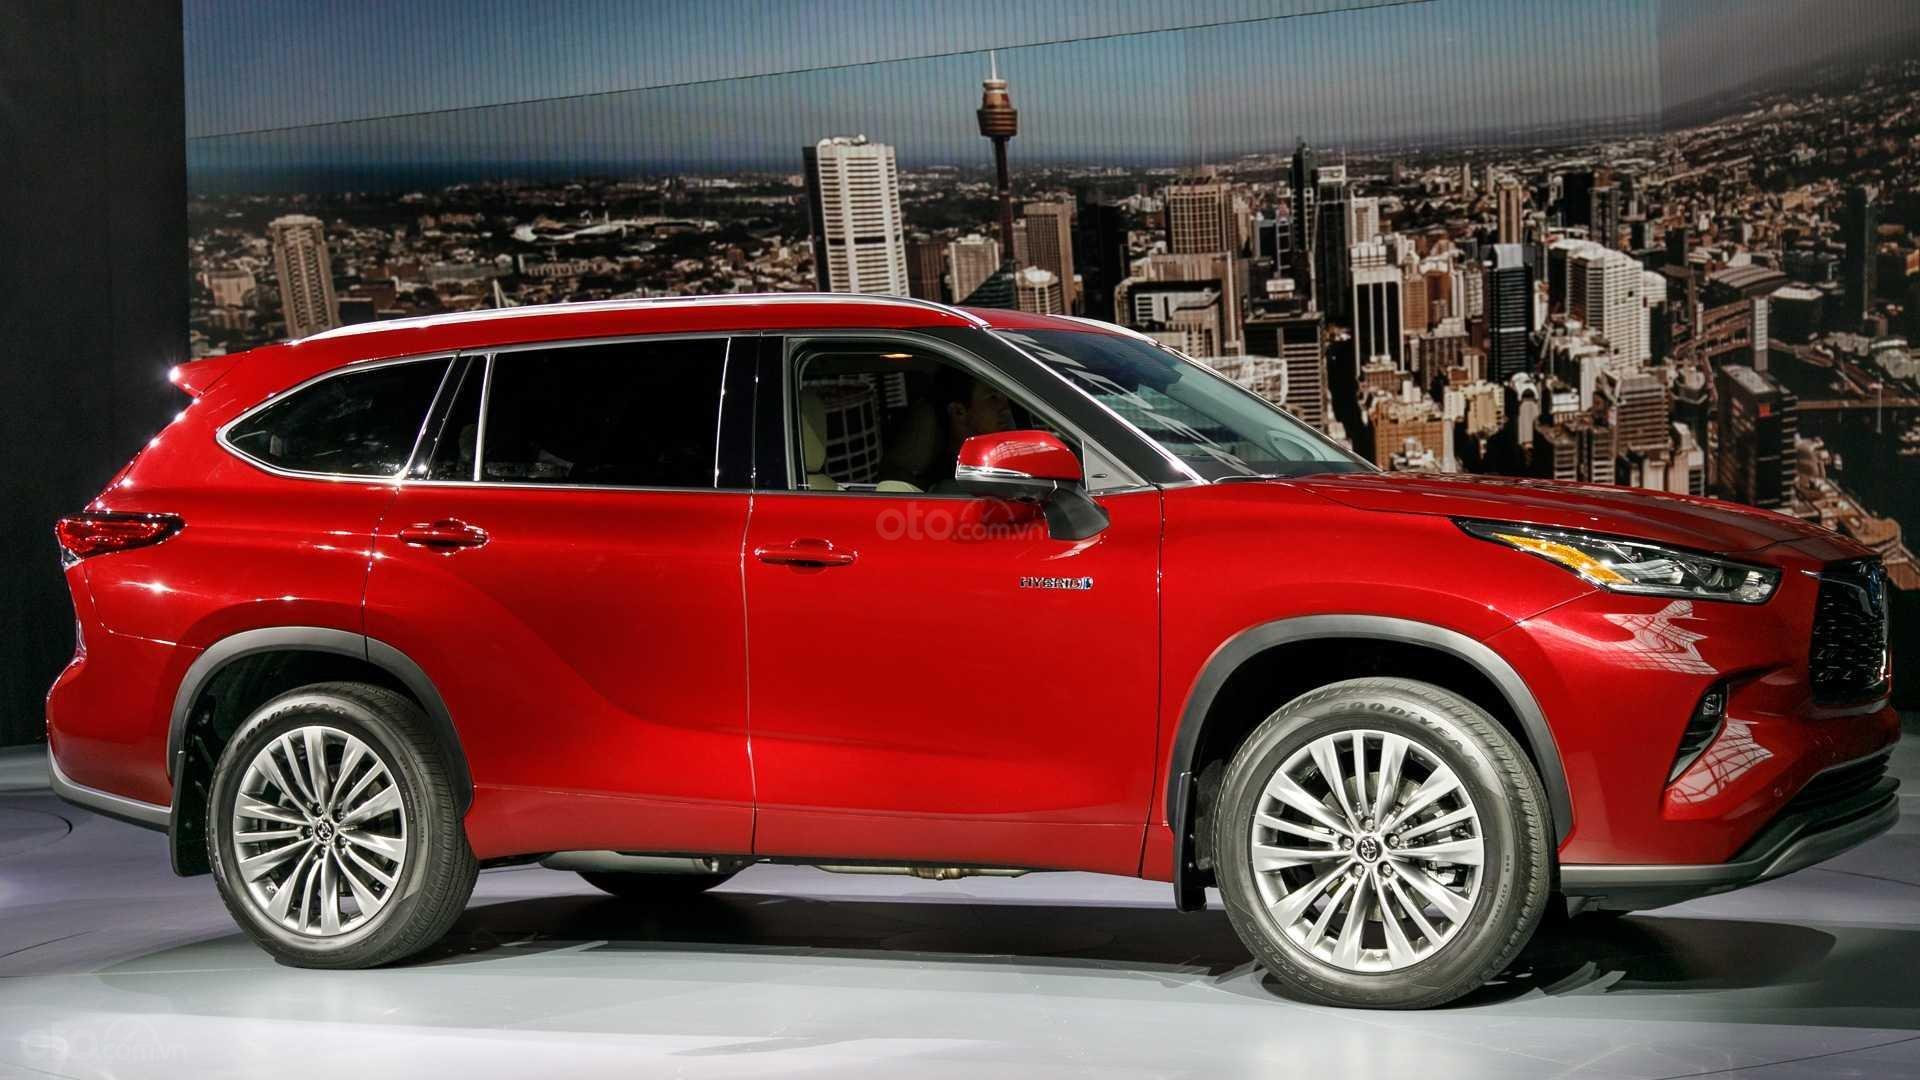 Đánh giá xe Toyota Highlander 2020 - thân xe 1